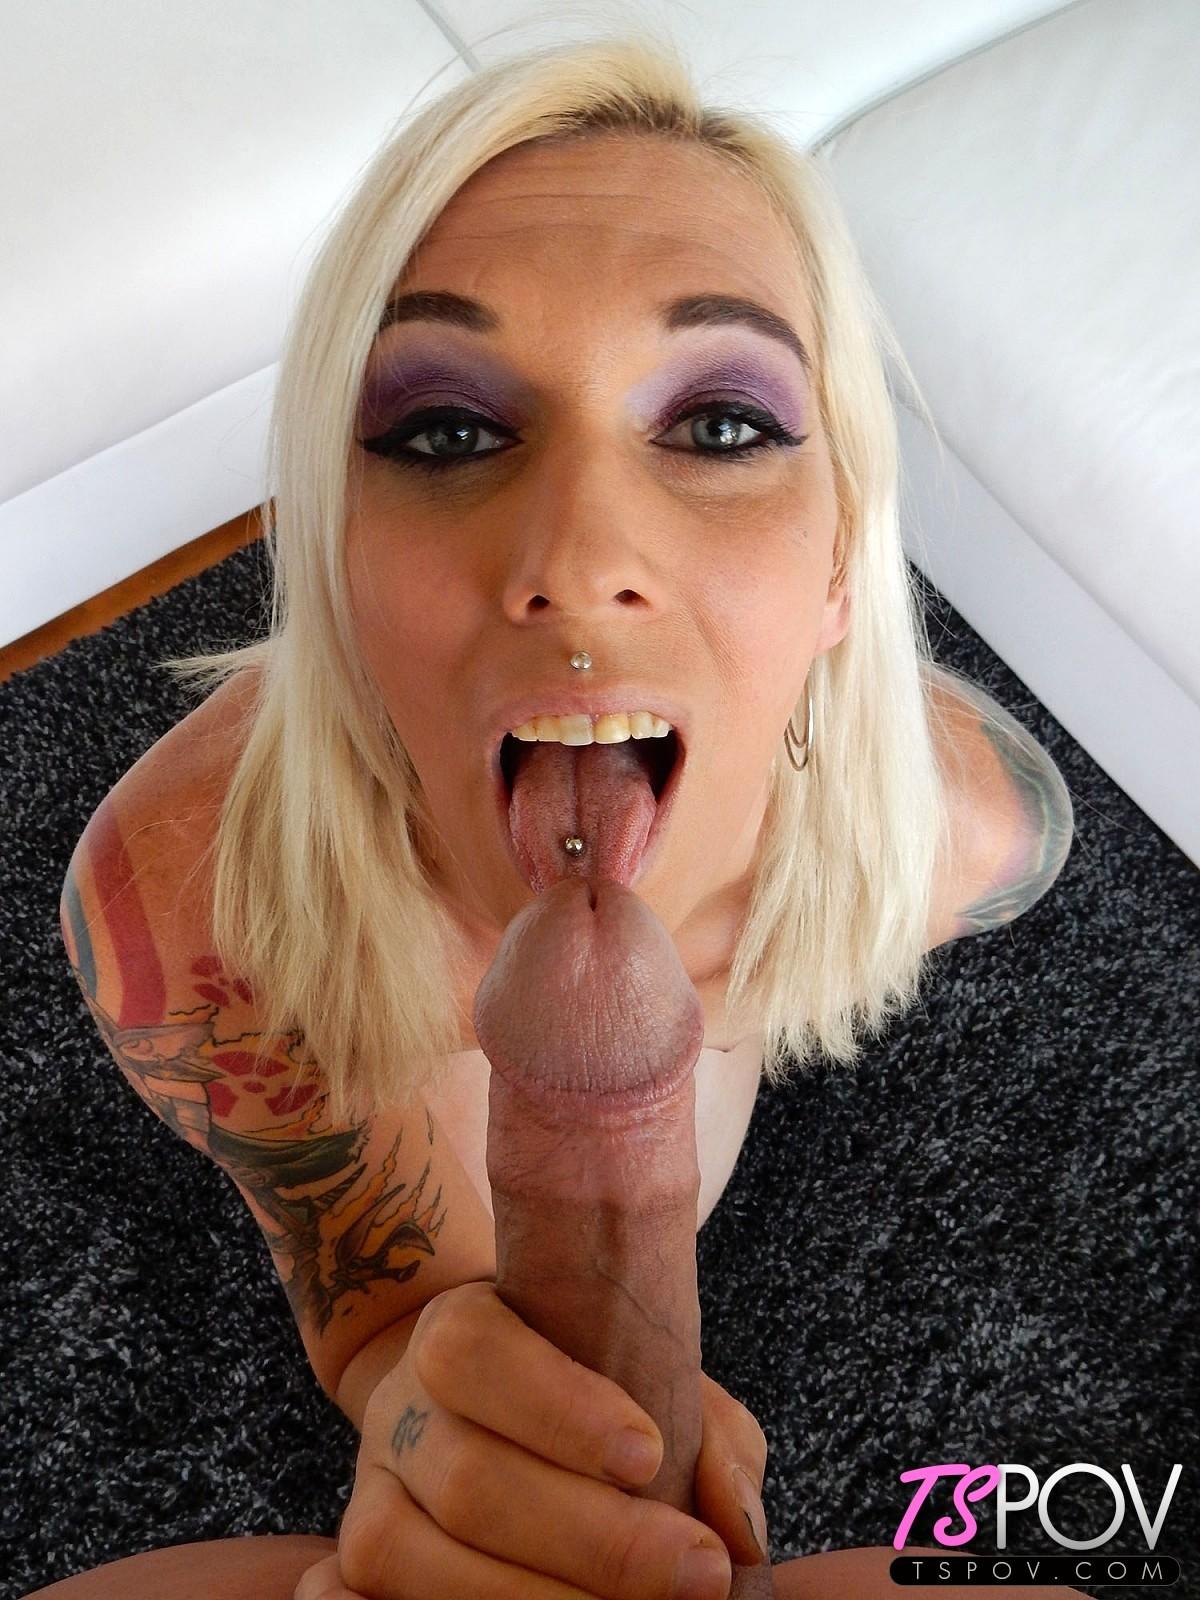 Kennadie Havoc Is A Tattooed Vixen That Craves Being Slutty.